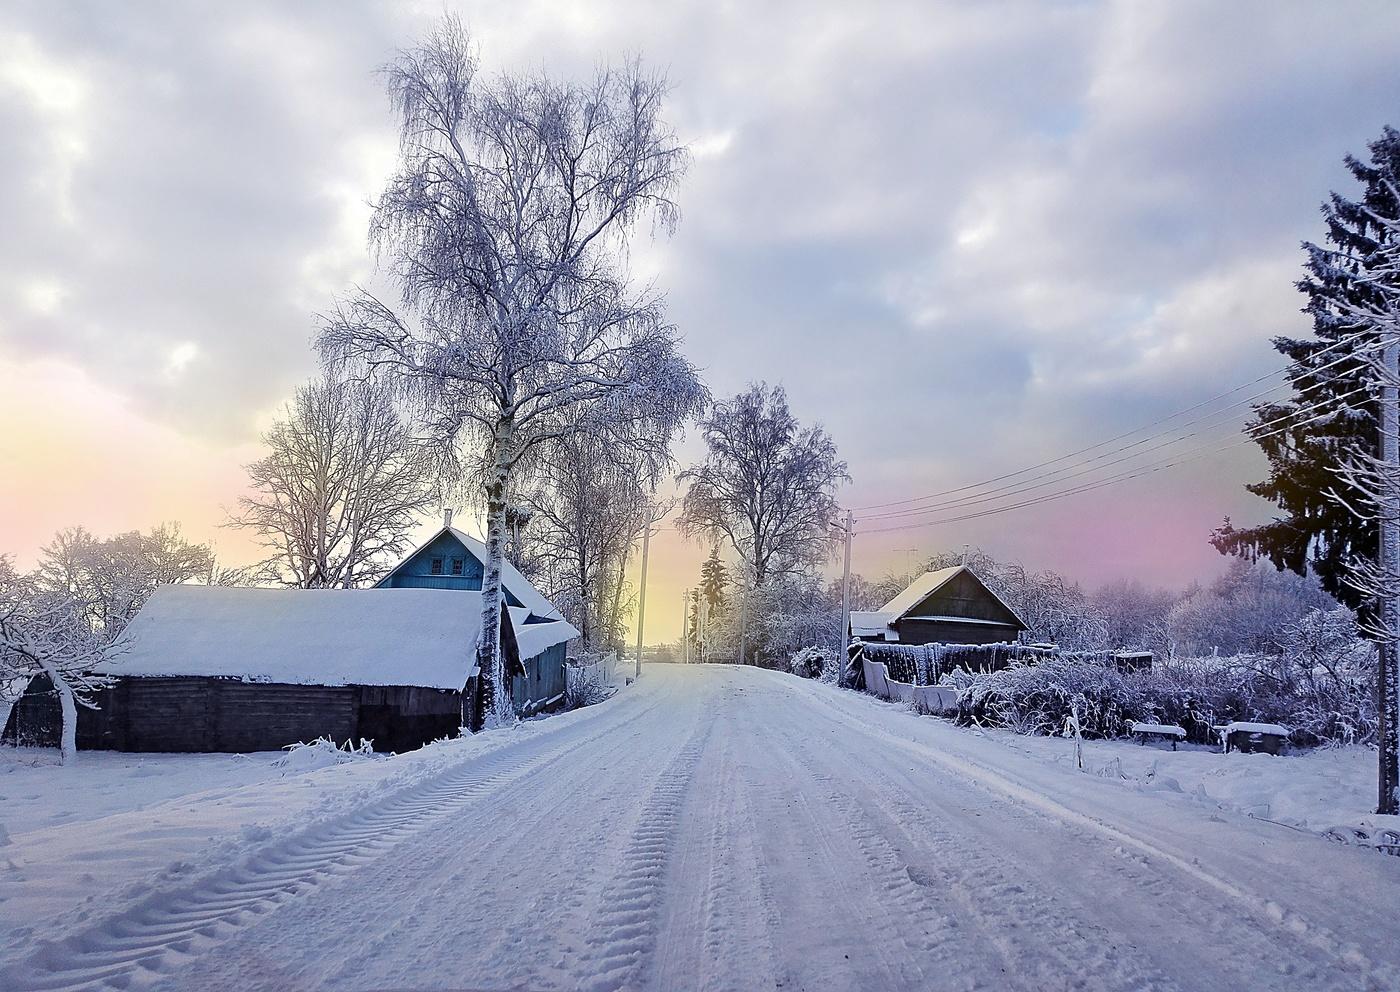 обнаженной красивые фото зимних деревень второй день попросил